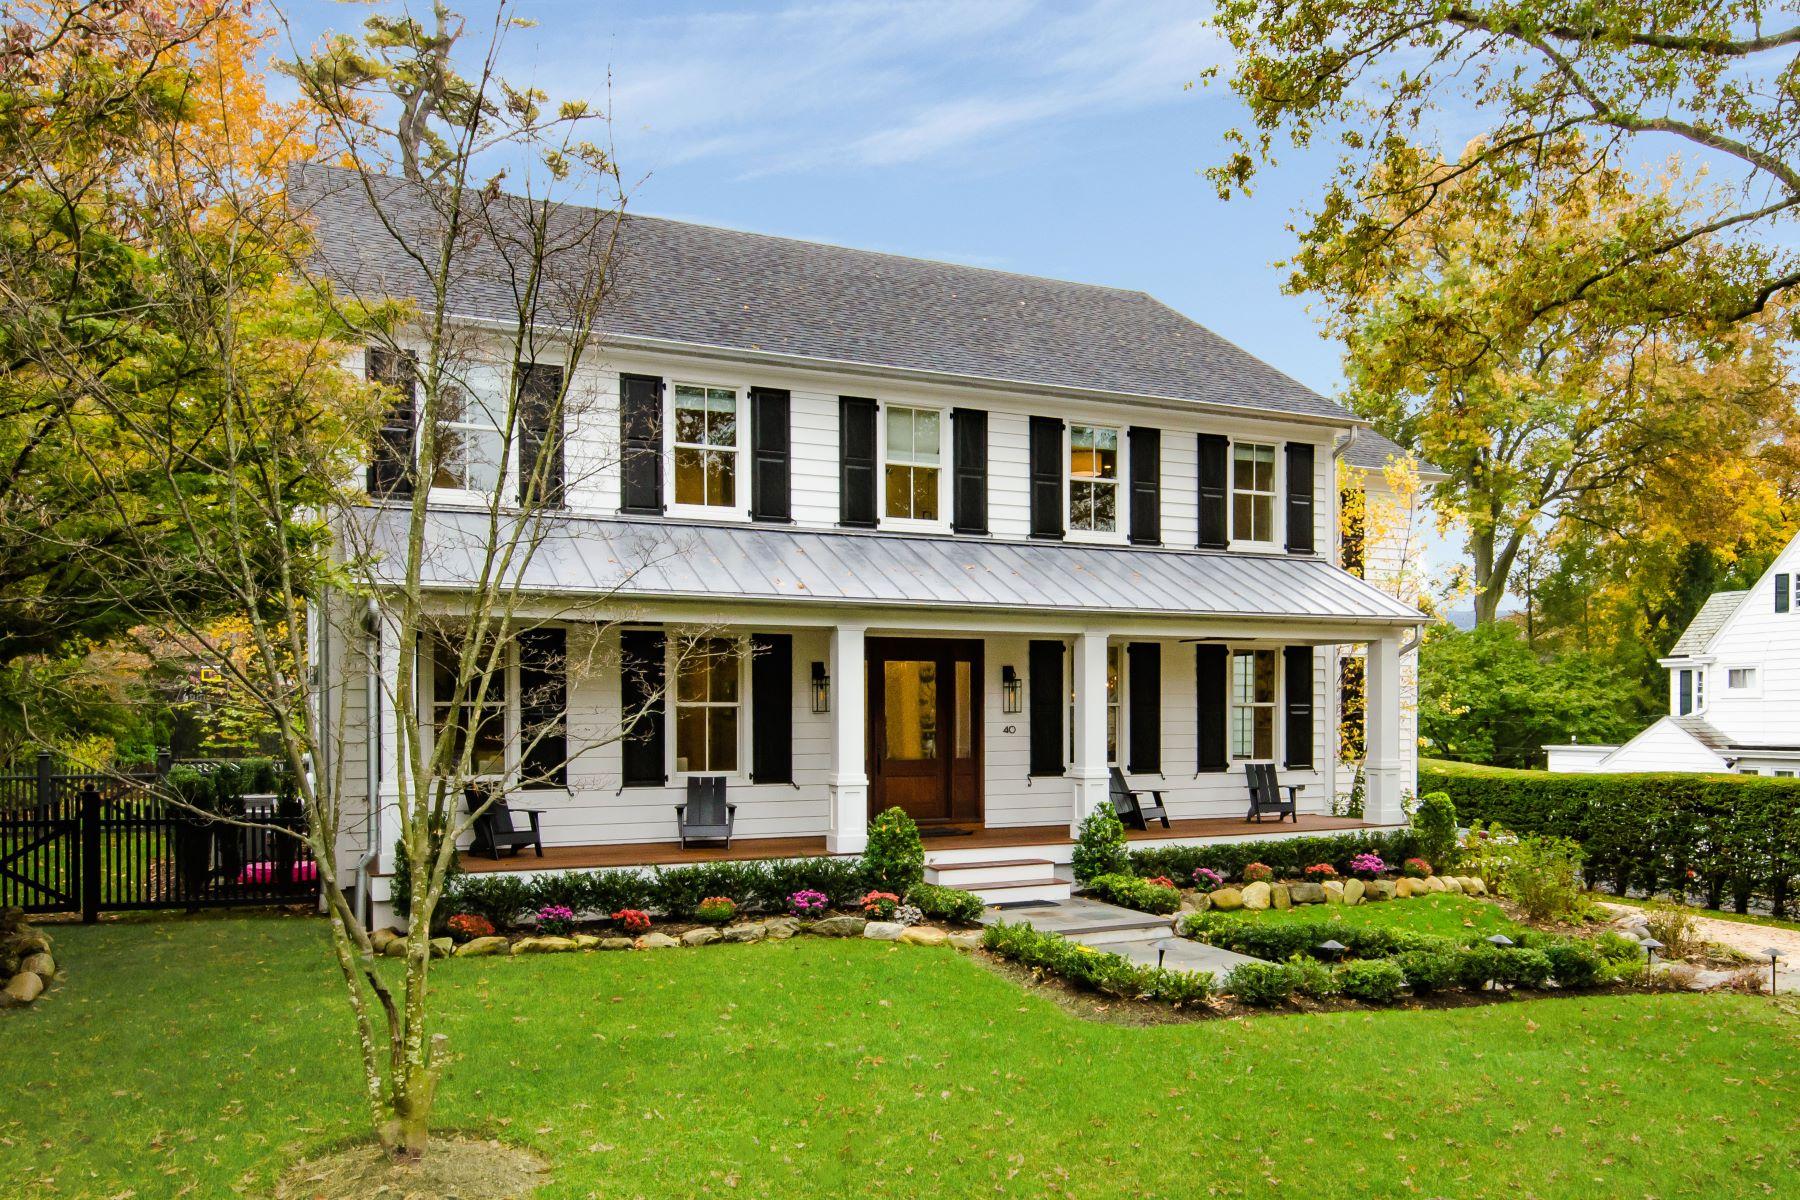 Single Family Homes für Verkauf beim Manhasset 40 South Dr, Manhasset, New York 11030 Vereinigte Staaten